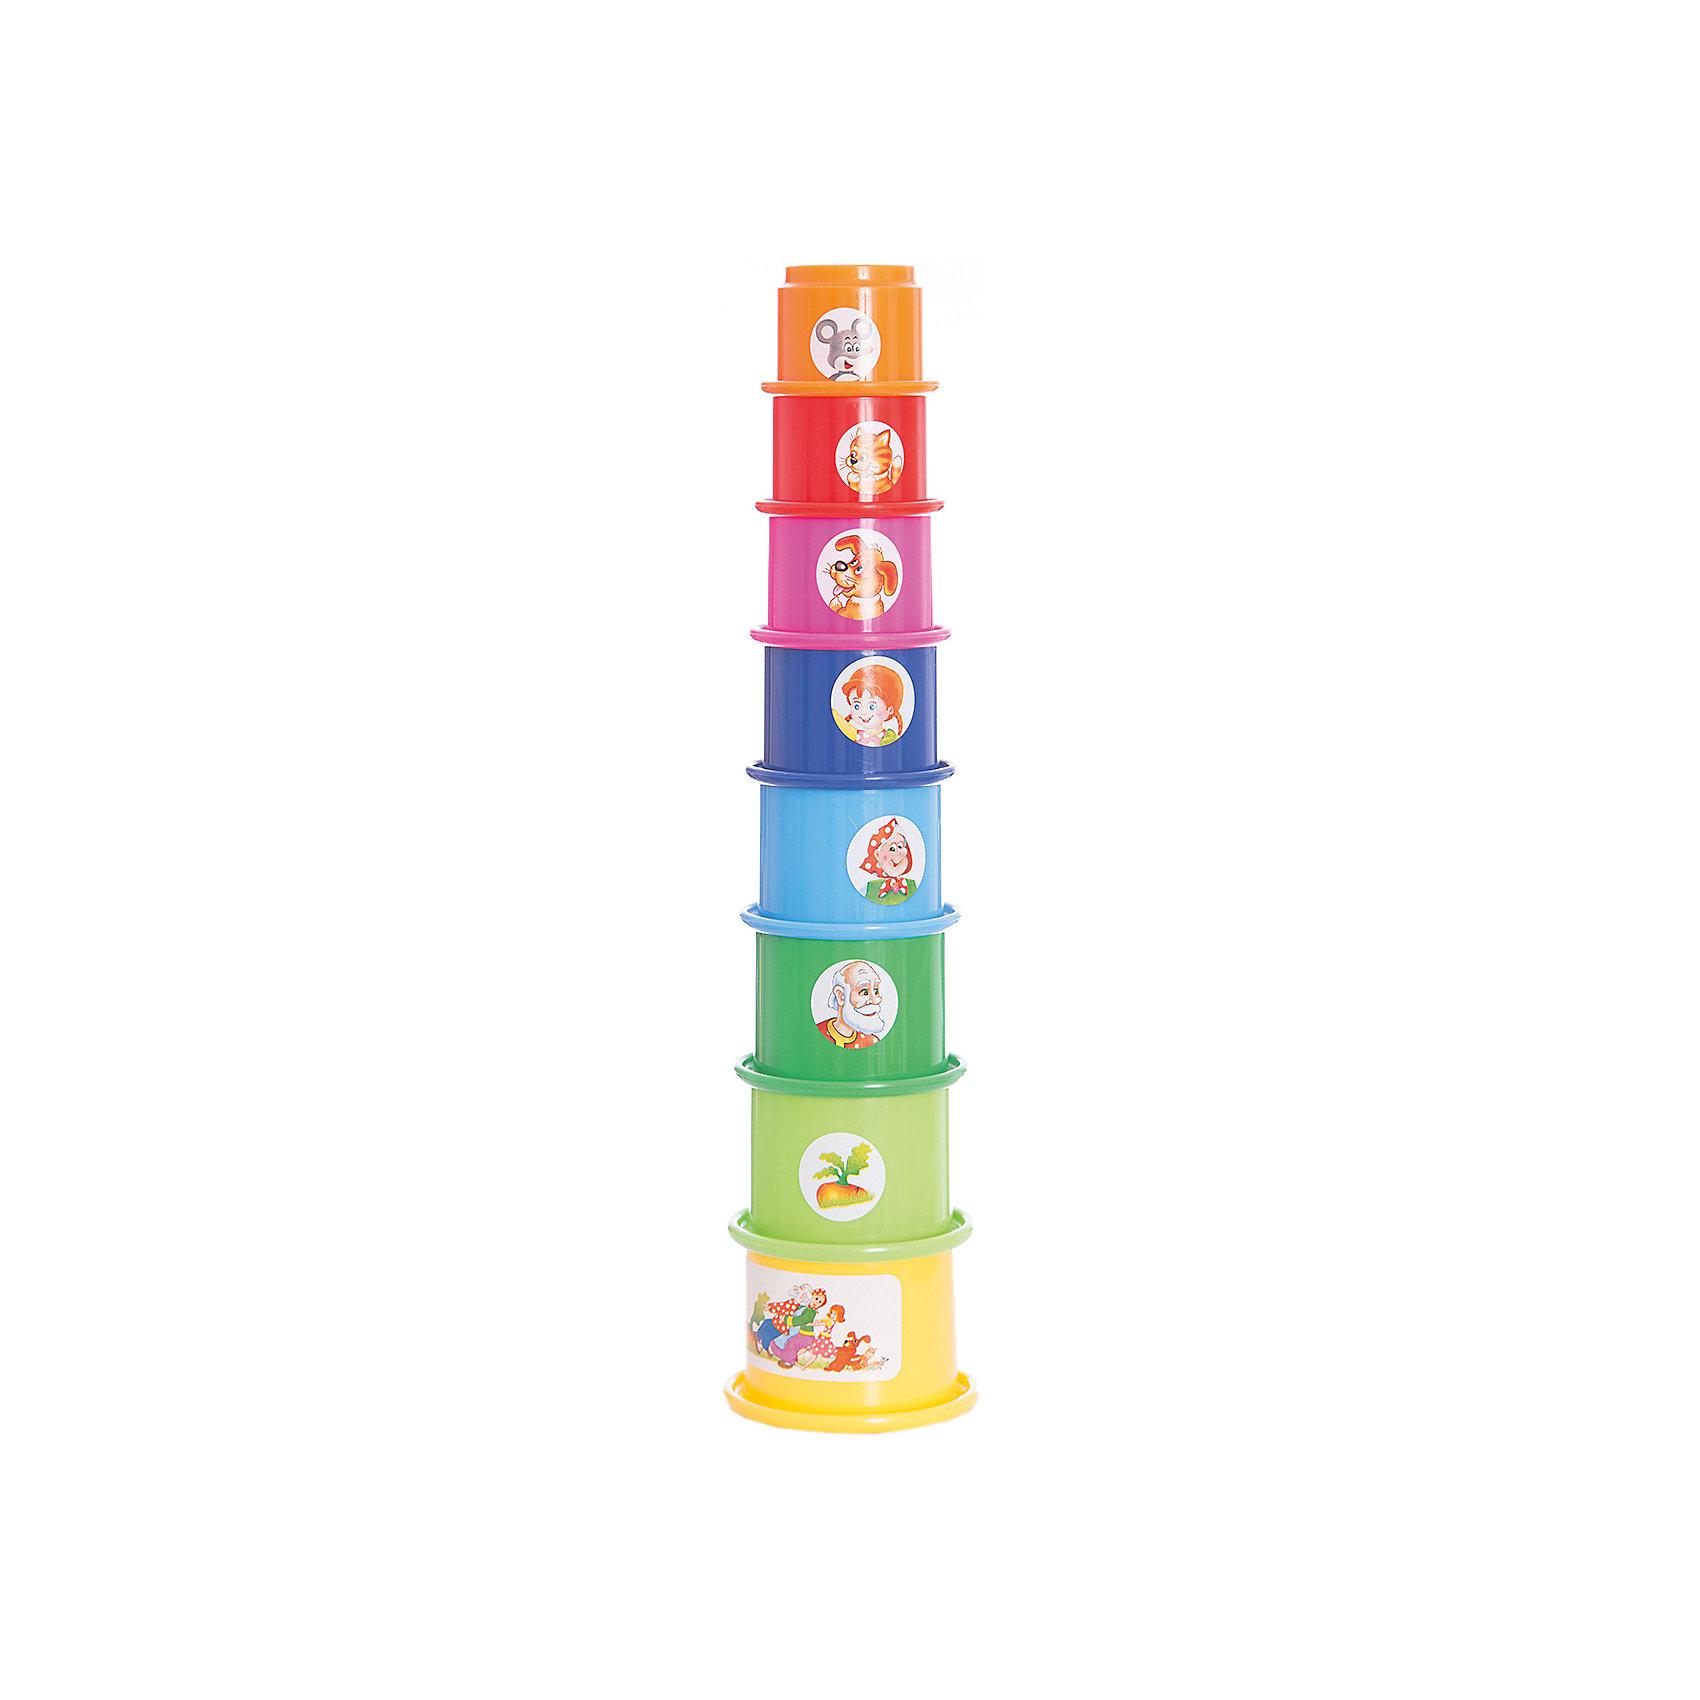 Стеллар Пирамидка РепкаПирамидки<br>Стеллар Пирамидка Репка<br><br>Характеристики:<br><br>• Возраст: от 12 месяцев<br>• Материал: Полипропилен<br>• Высота в собранном виде: 32 см<br>• Элементов: 8<br><br>С такой необычной пирамидкой ребенок сможет играть в разнообразные игры. Она состоит из восьми стаканчиков разных размеров и цветов. Ее можно собирать, вставляя стаканчики друг в друга или собирая пирамидку стандартным способом. Кроме этого каждая формочка может быть использована для игр в песочнице или в воде. На каждом стаканчике есть рисунок, изображающий героя популярной сказки – репка.<br><br>Стеллар Пирамидка Репка можно купить в нашем интернет-магазине.<br><br>Ширина мм: 170<br>Глубина мм: 170<br>Высота мм: 220<br>Вес г: 112<br>Возраст от месяцев: 6<br>Возраст до месяцев: 1188<br>Пол: Унисекс<br>Возраст: Детский<br>SKU: 2407098